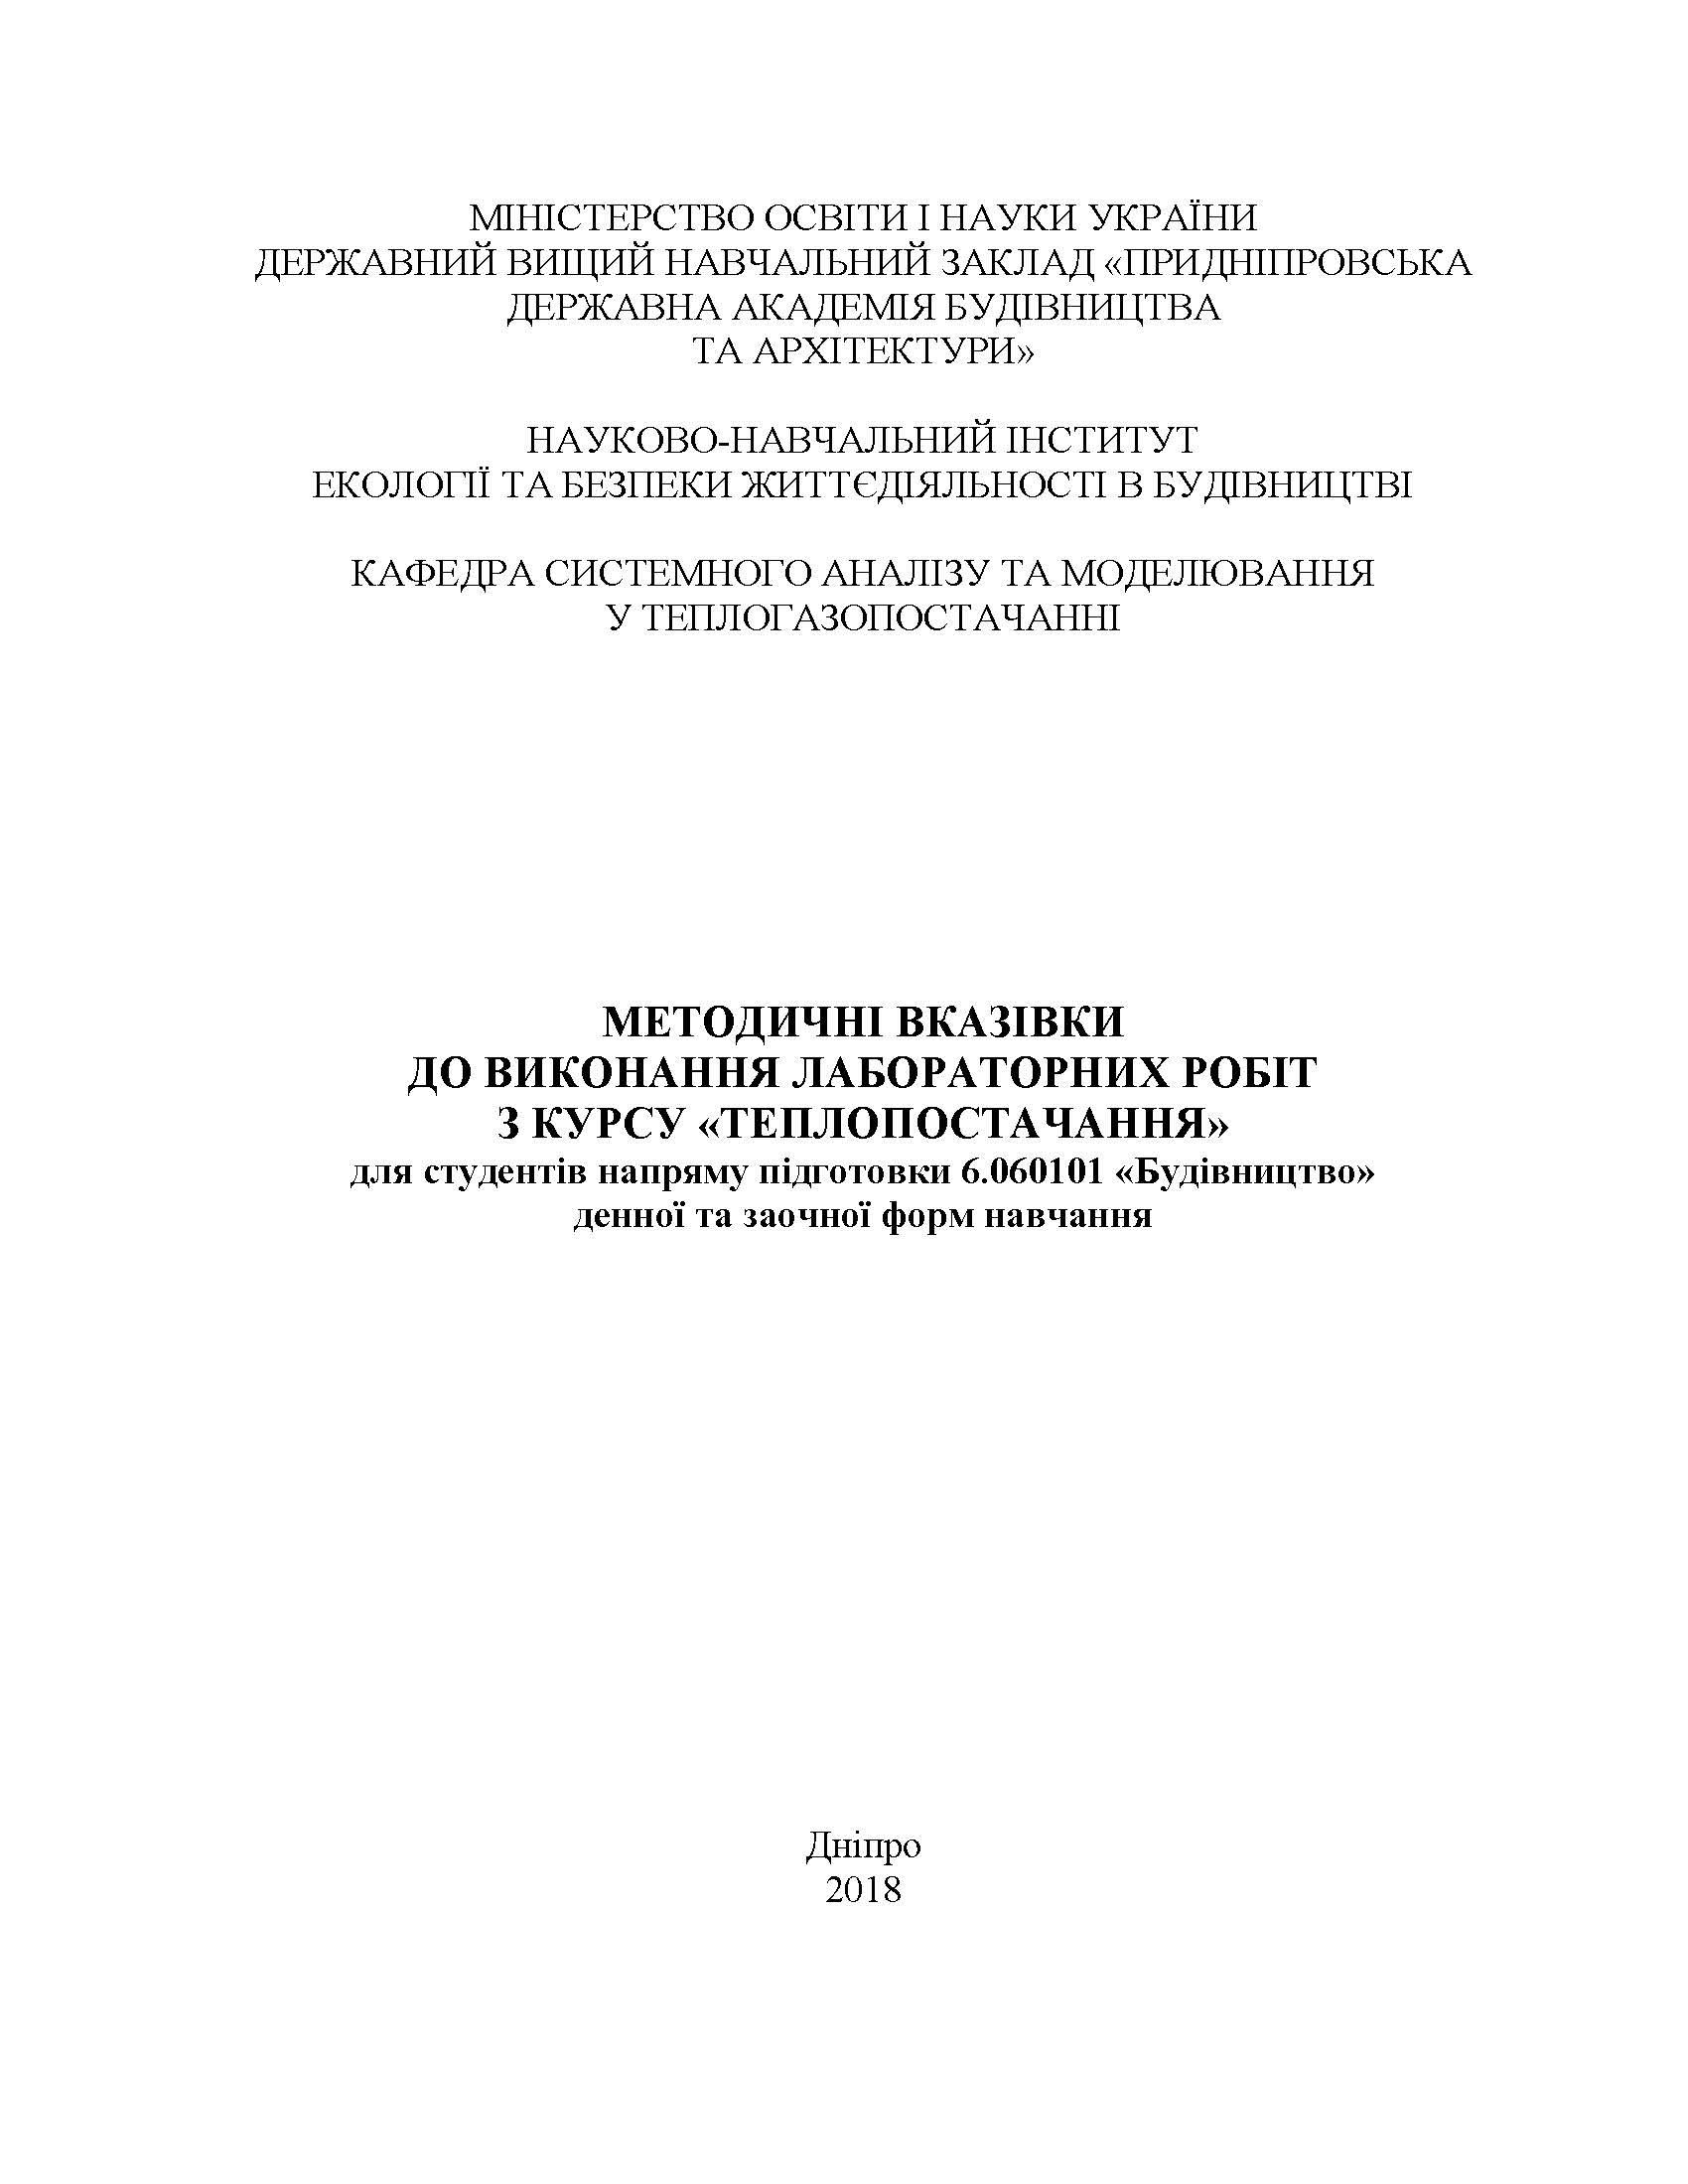 Методичні вказівки до виконання лабораторних робіт з курсу «Теплопостачання», 2018